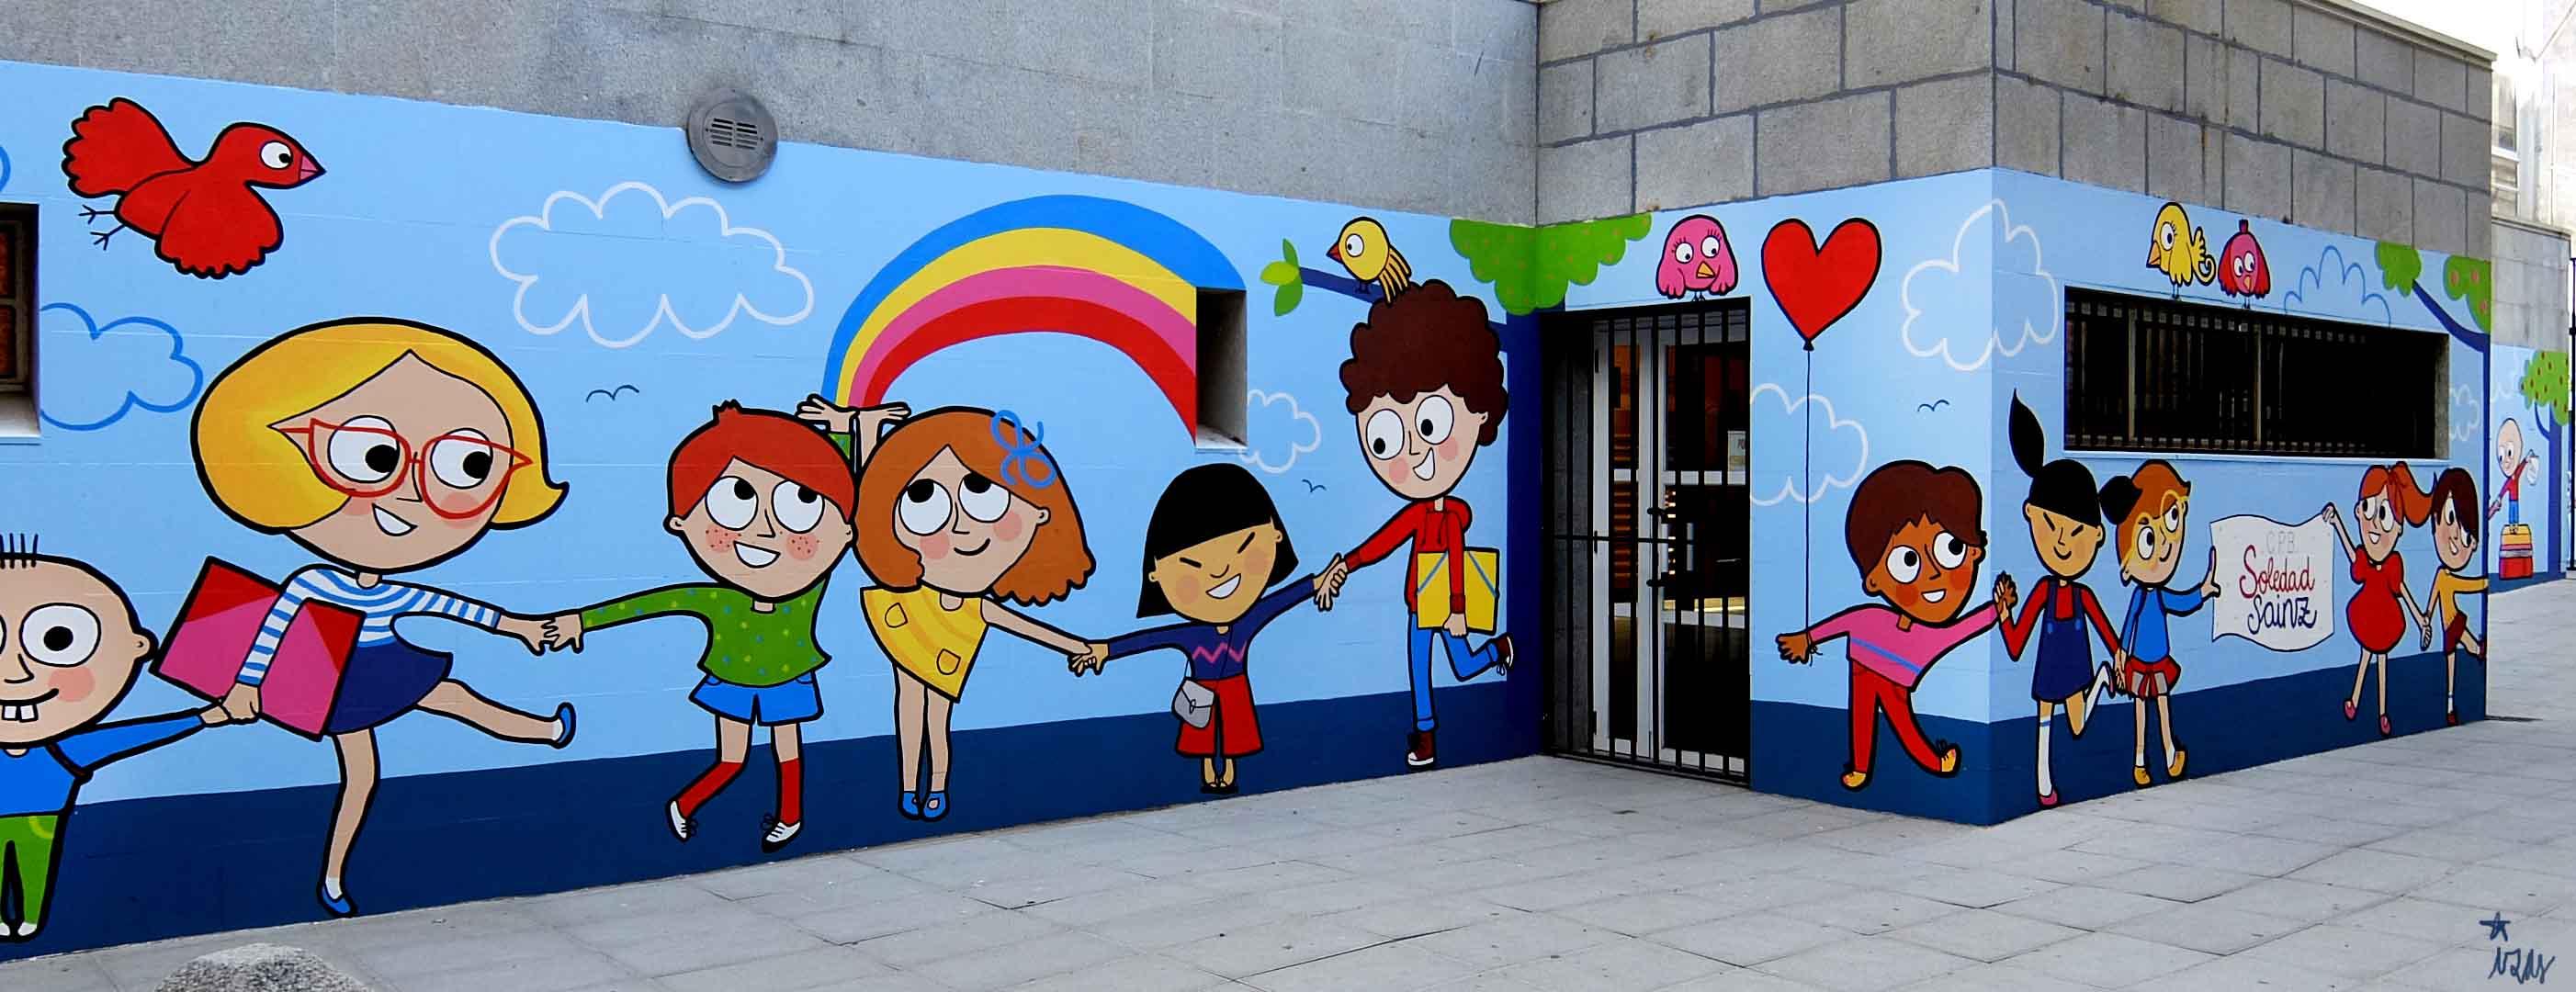 mural izas soledad sainz entrada 3